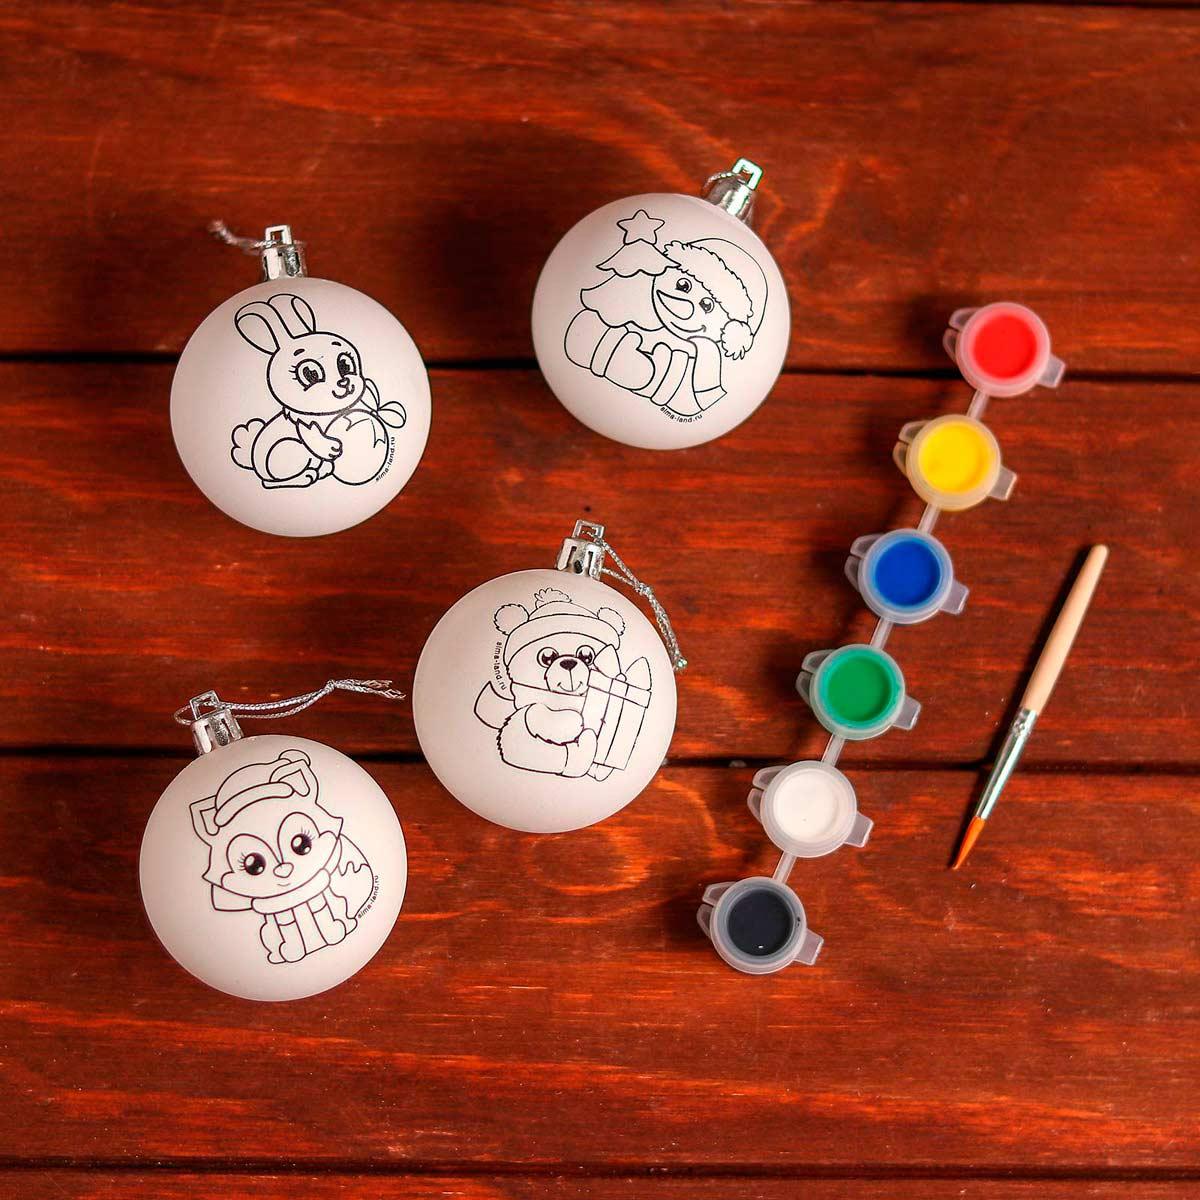 5066034 Набор для творчества 'Елочные шары под раскраску 'С новым годом' + краски, набобр 4 шт